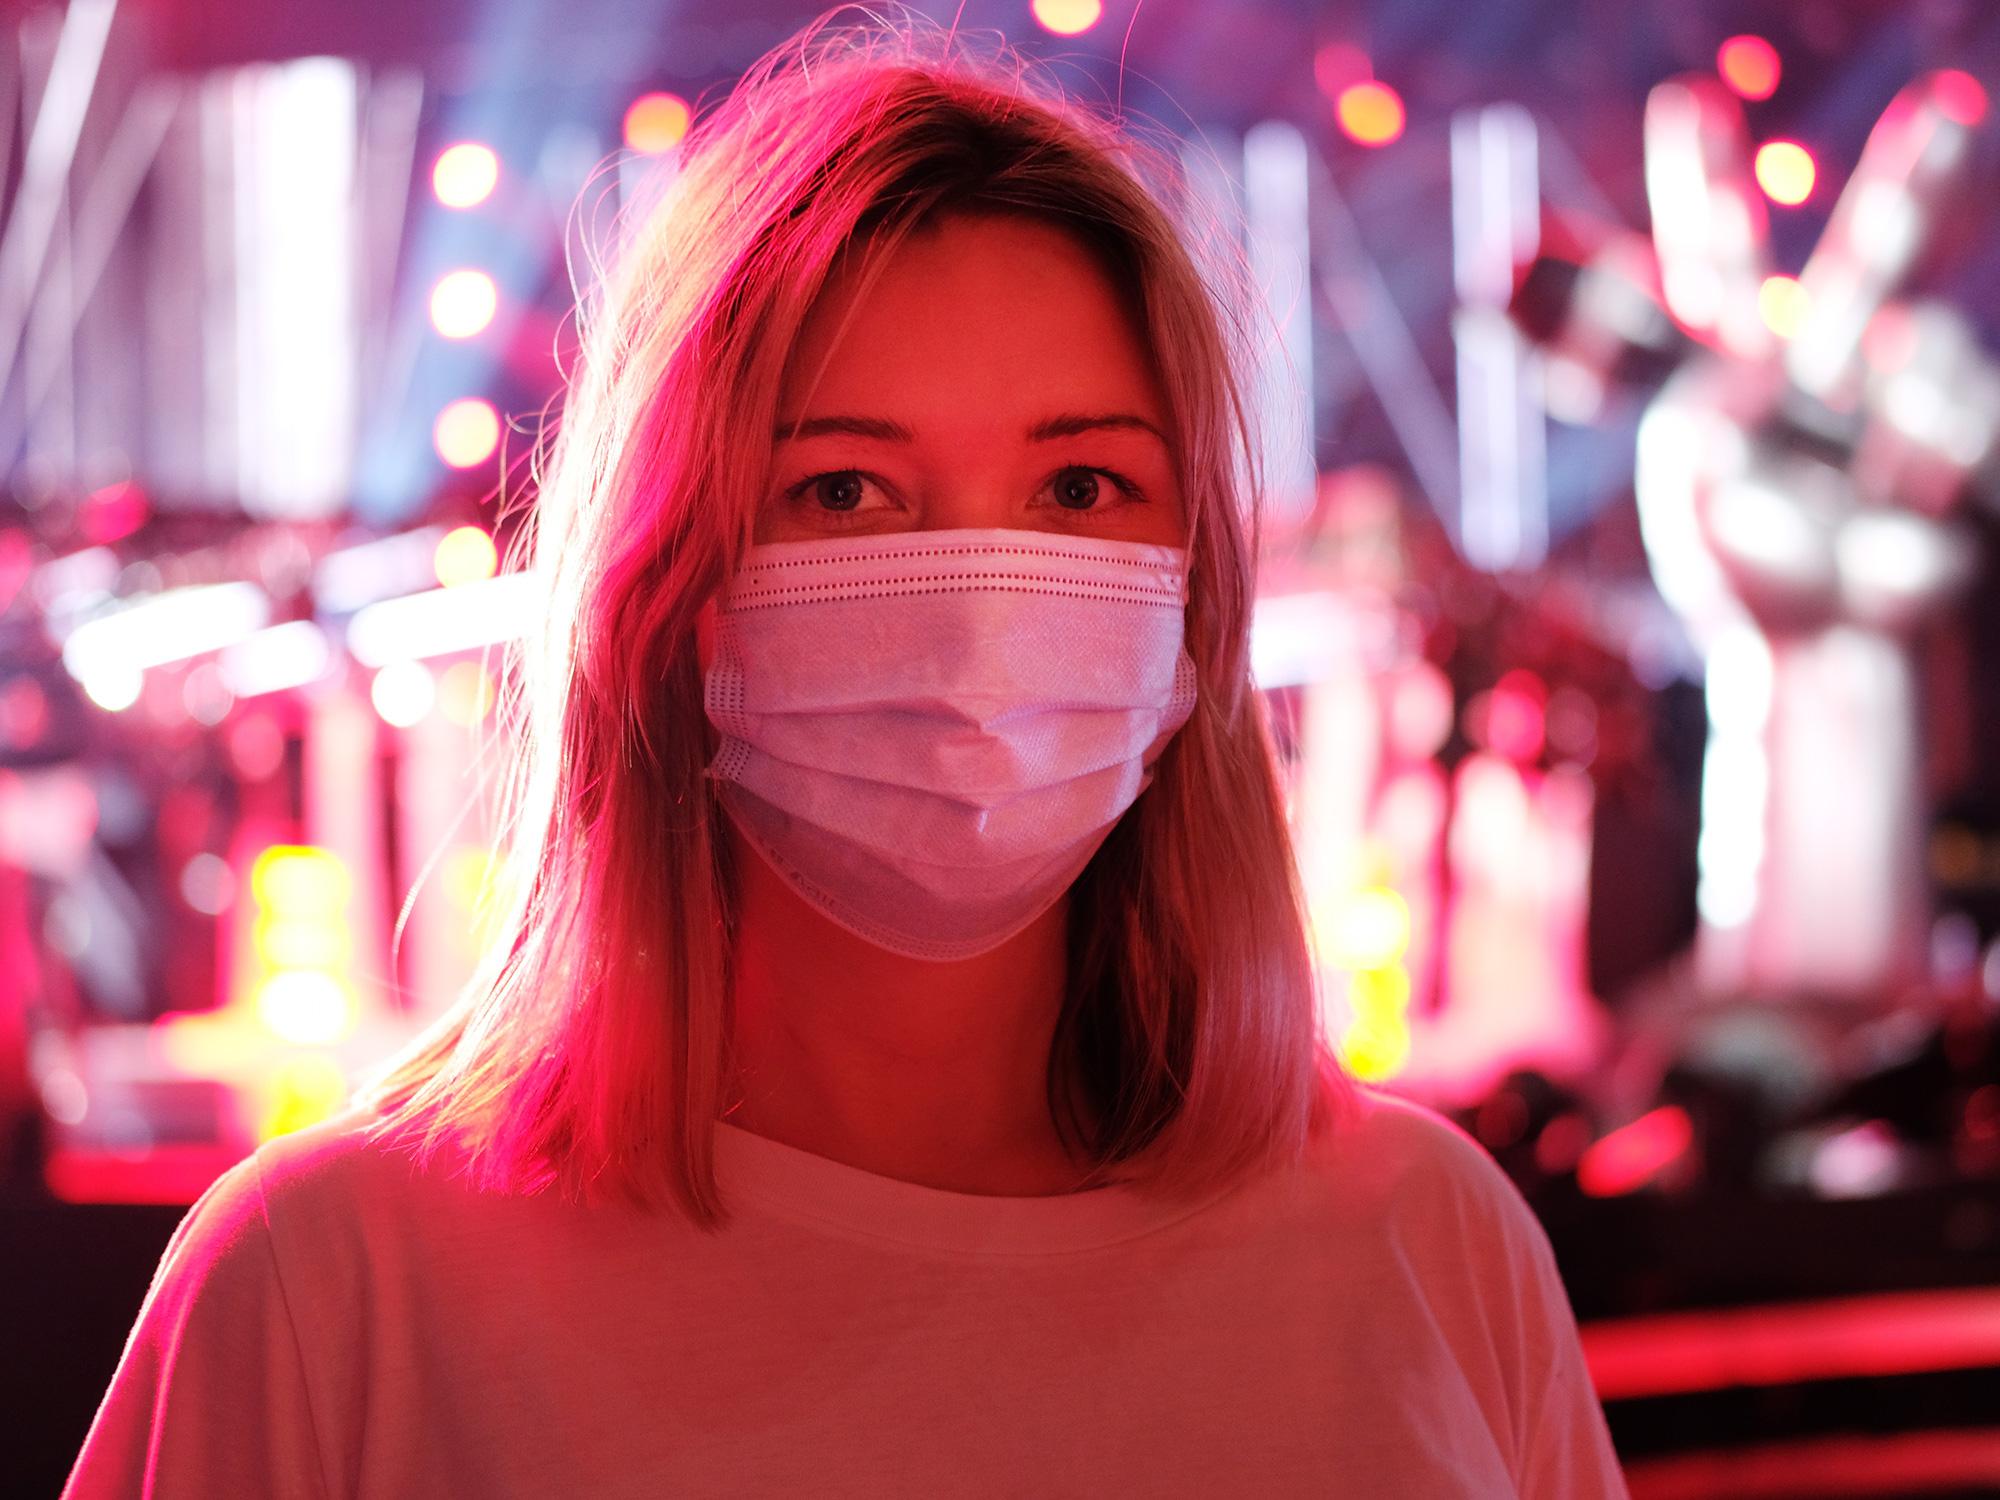 LIFAair tarjoaa kotimaiset maskit The Voice of Finlandin live-yleisölle ja työntekijöille